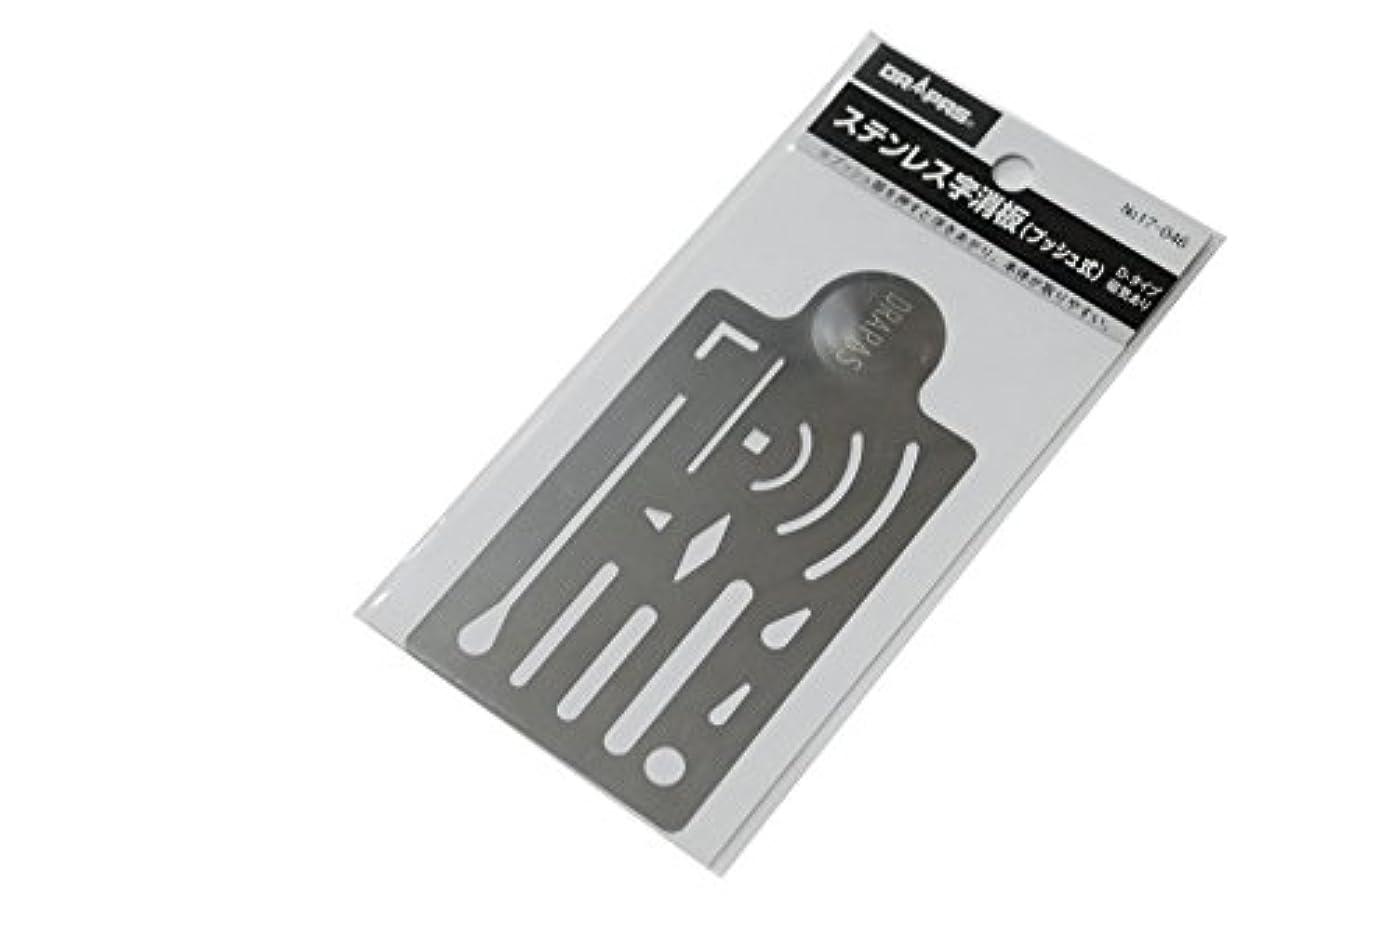 振動させる喜んで花輪ドラパス ステンレス字消板 プッシュ式 Dタイプ 17046